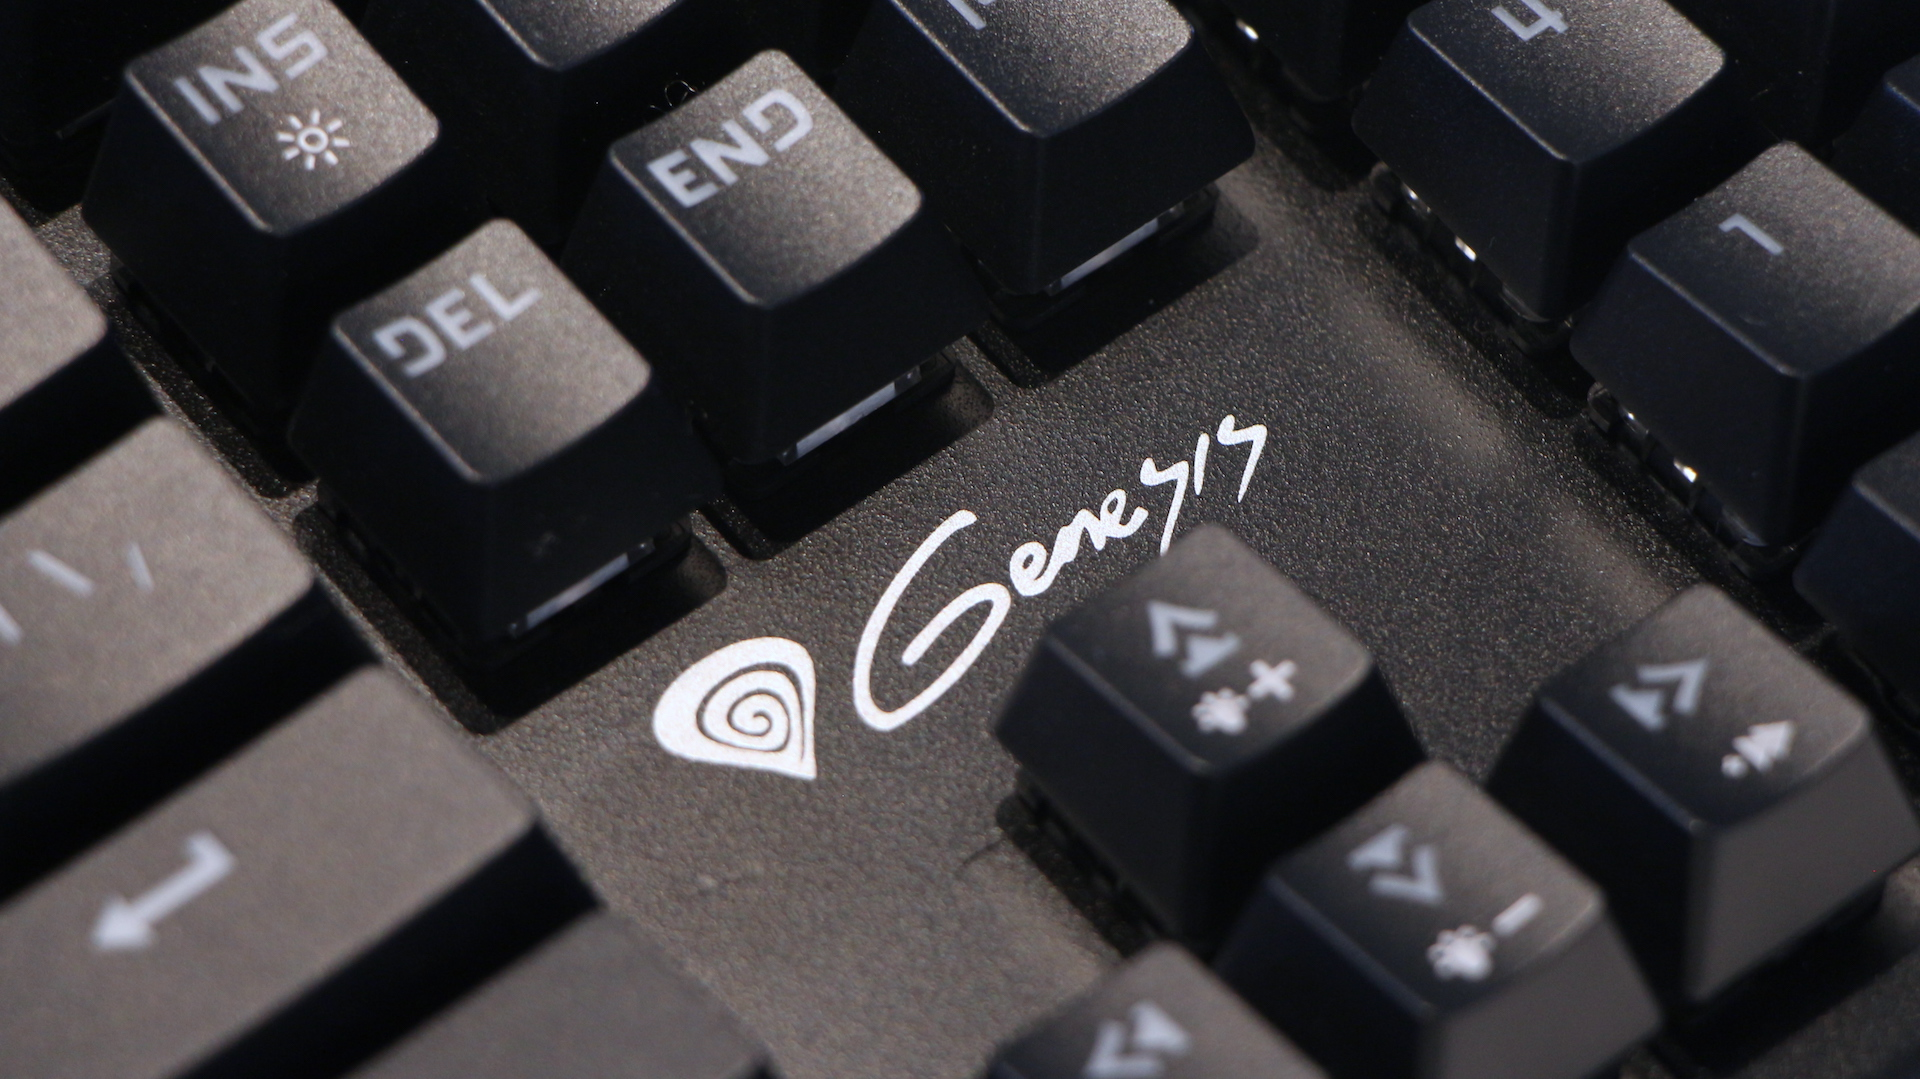 Доступная механика: обзор игровой клавиатуры Genesis Thor 300 RGB